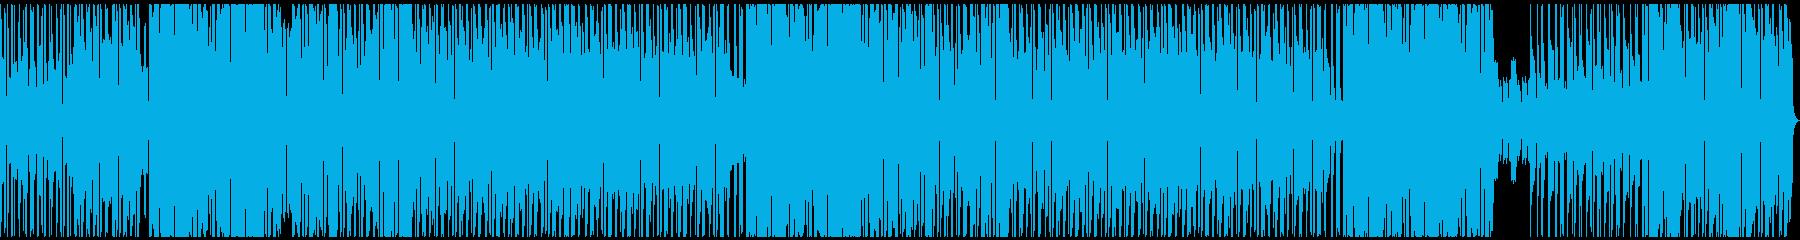 トラップ ヒップホップ レトロ テ...の再生済みの波形